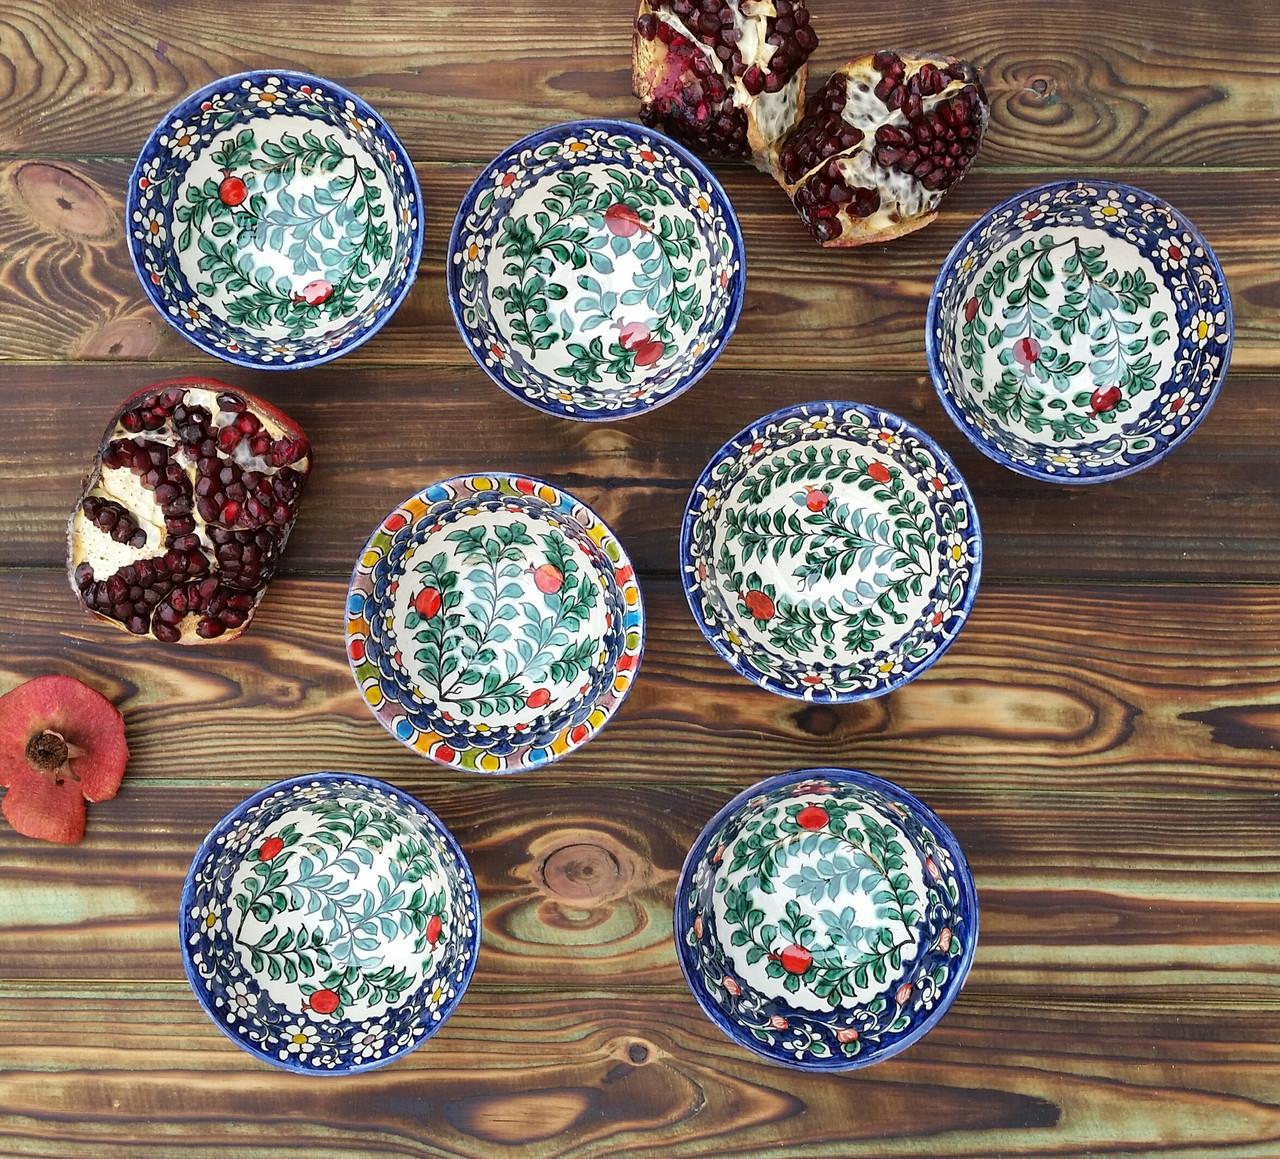 """Узбекская пиала """"АНОР""""  ручной работы ~200 мл, d 11 см. Керамика"""